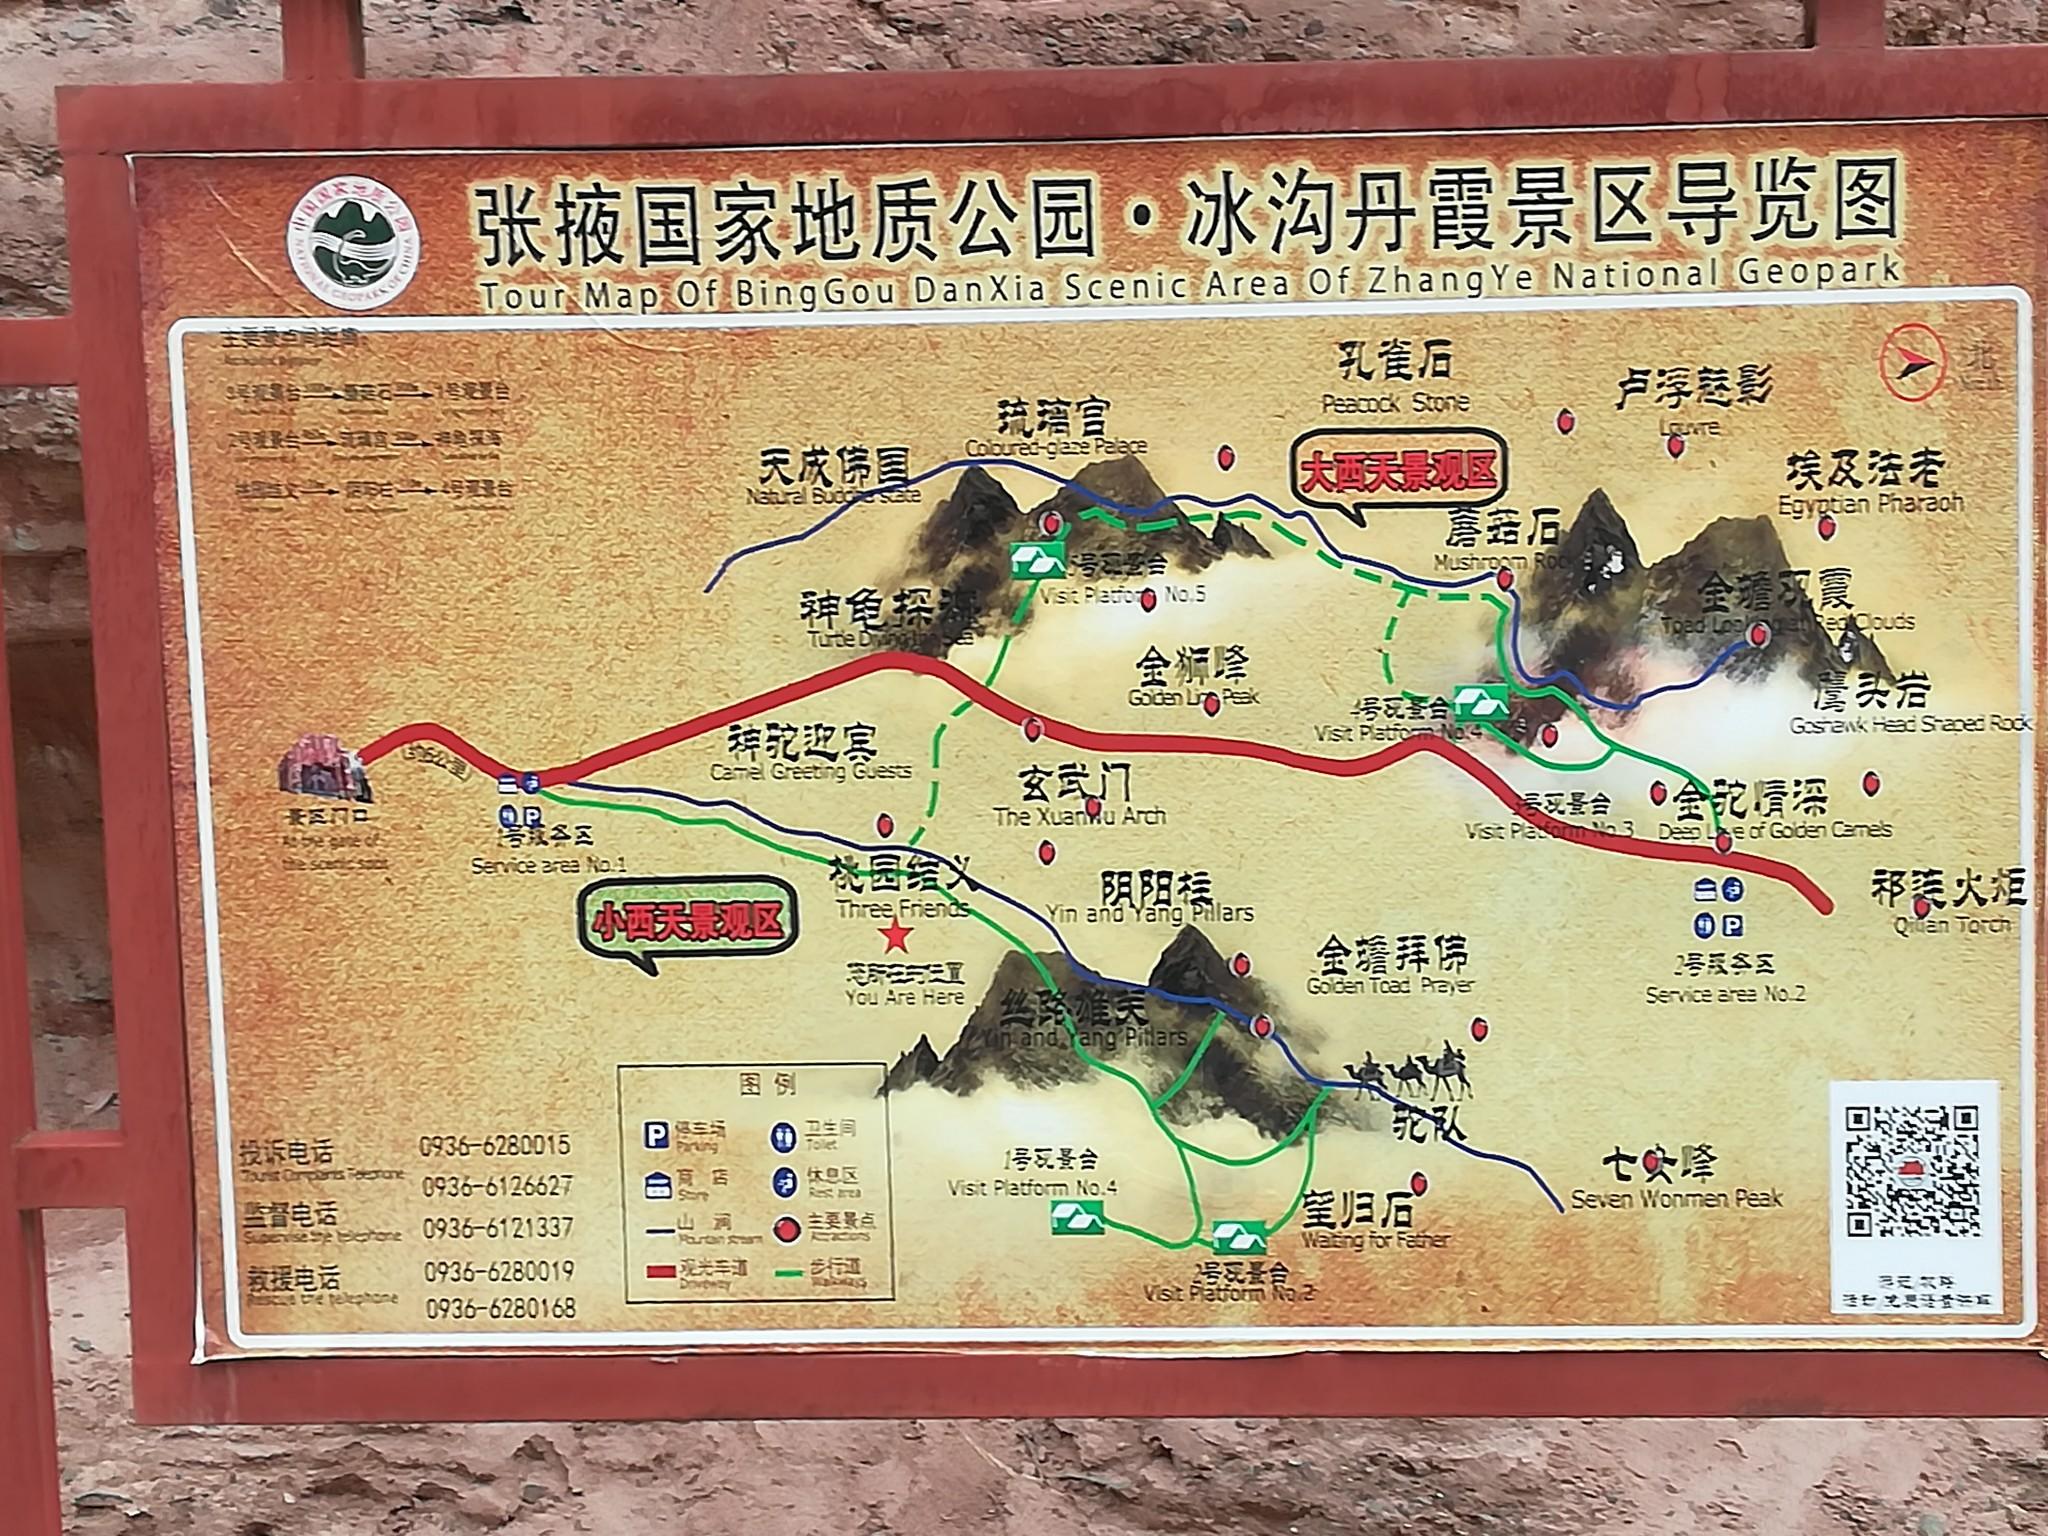 ZhangYe BingGou DanXia Geology Park Tourist Map